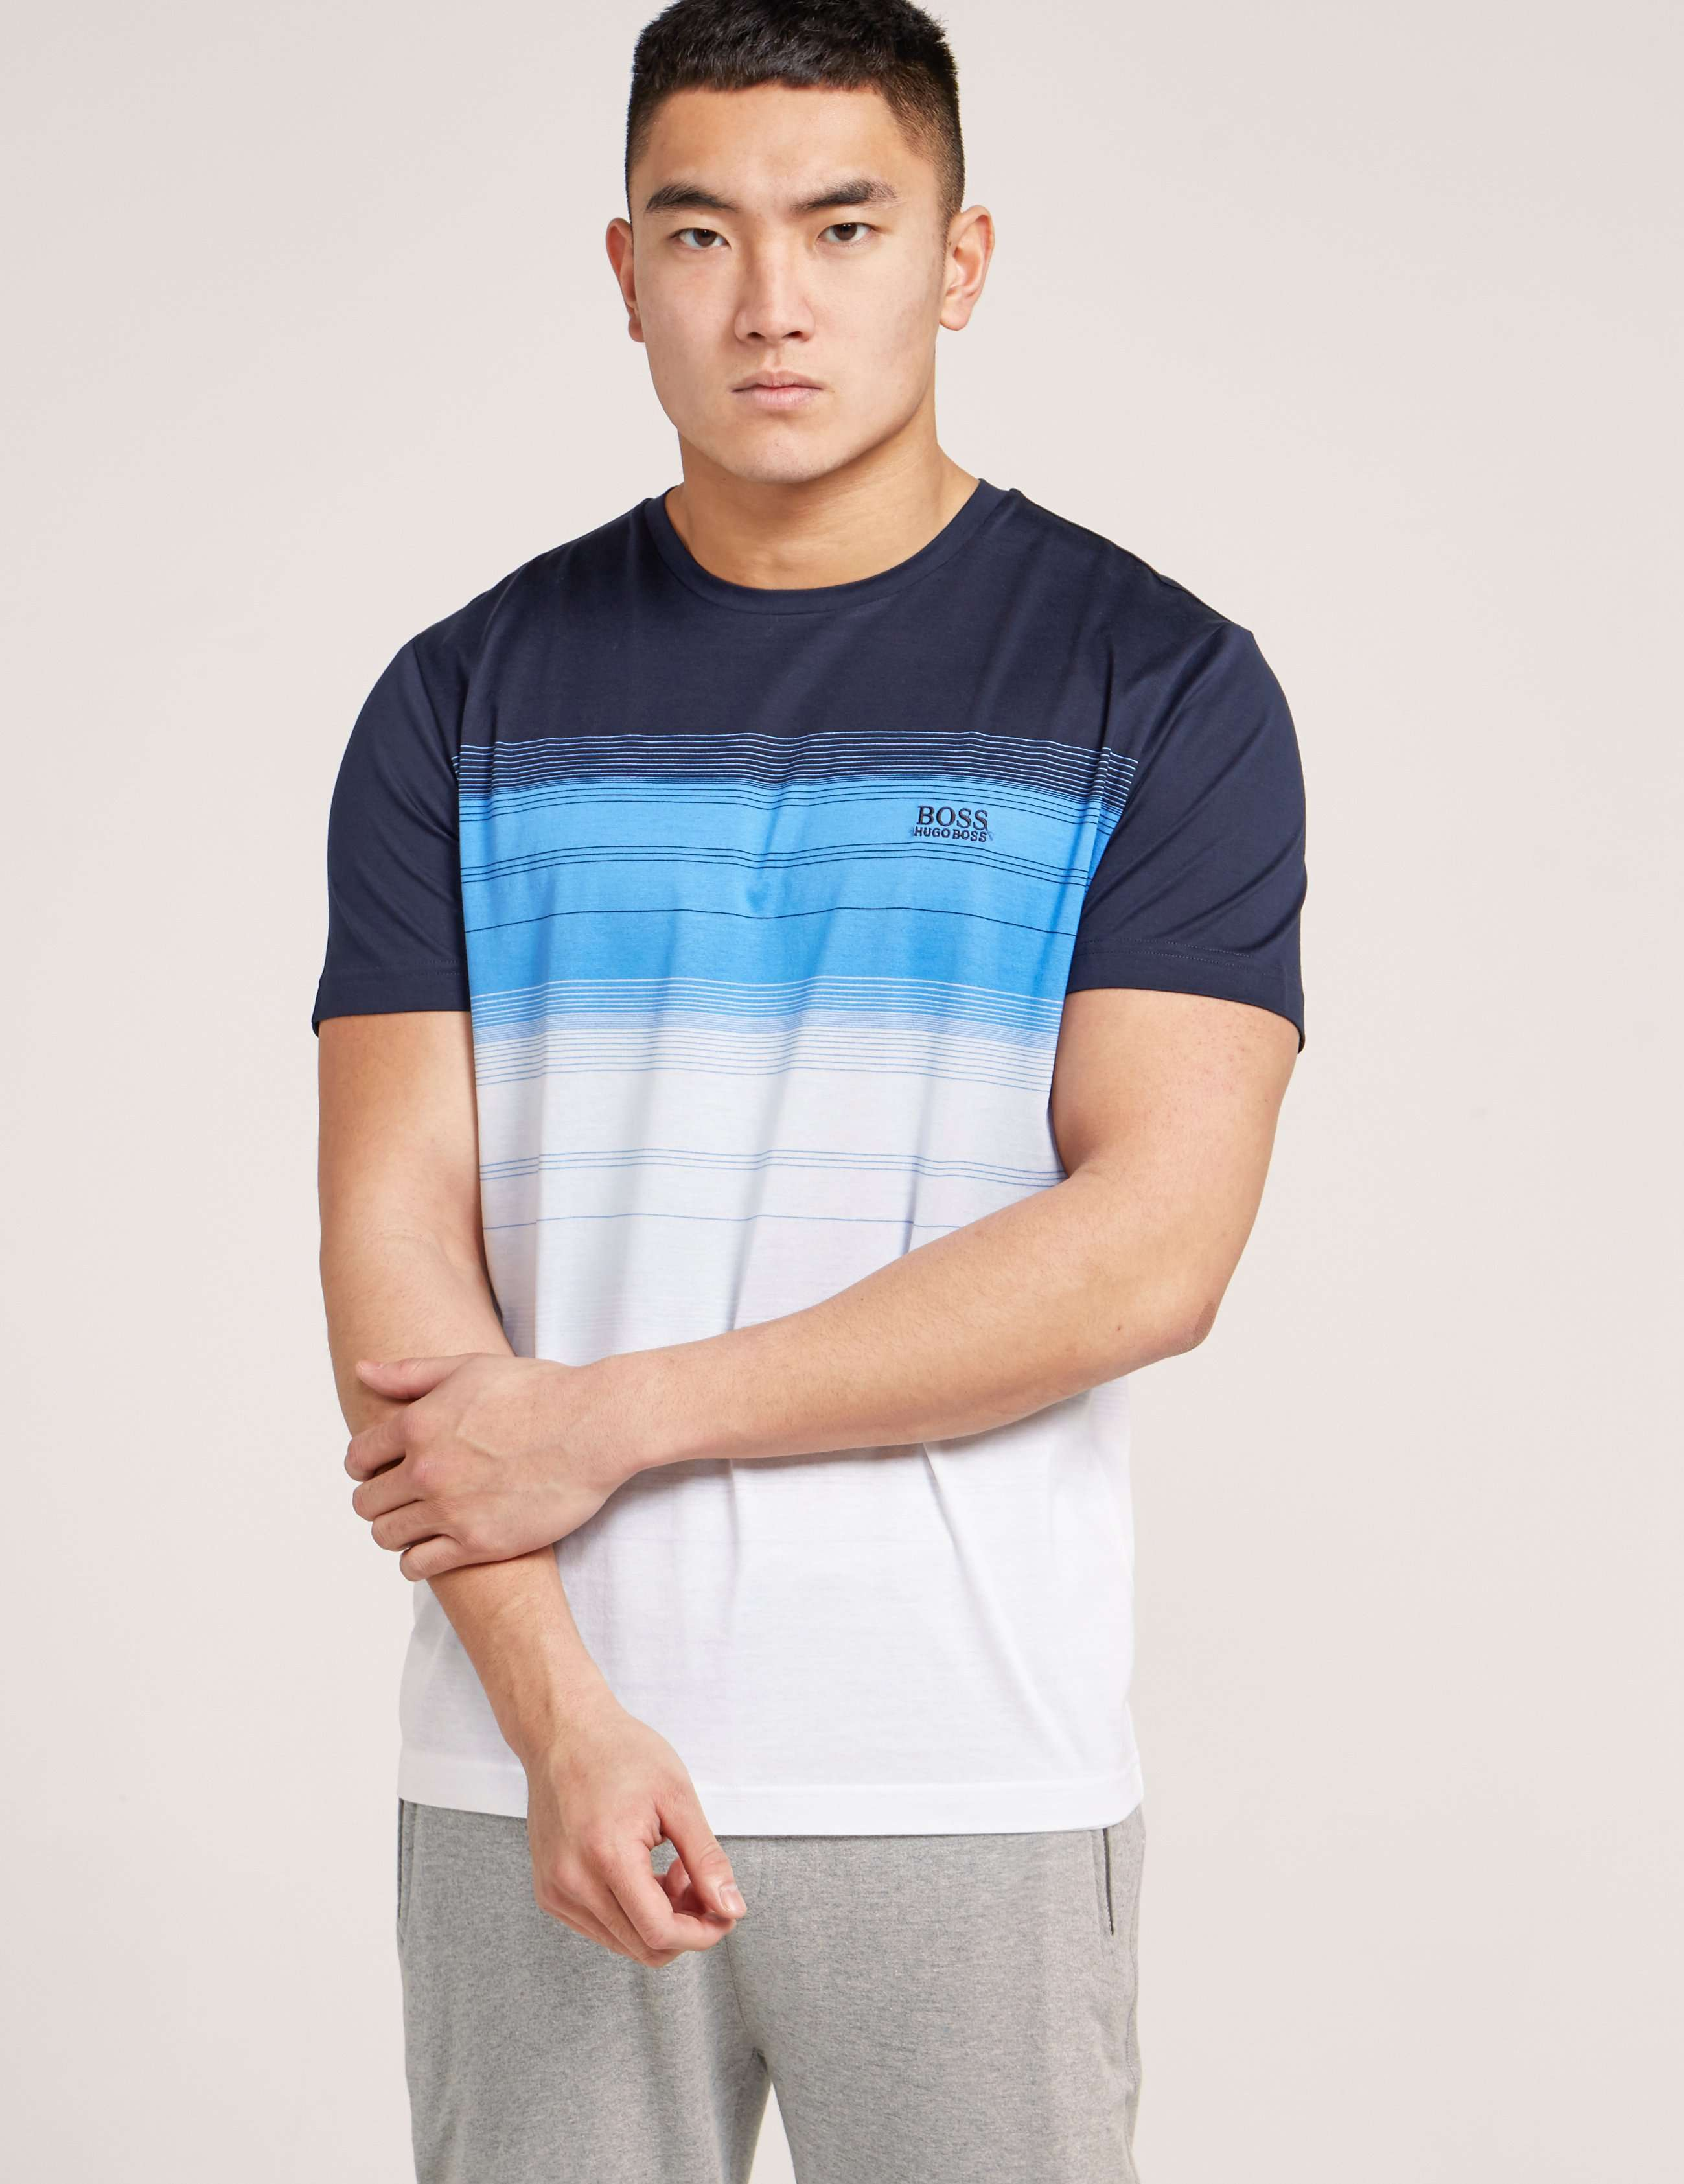 BOSS Graduation Stripe Short Sleeve T-Shirt